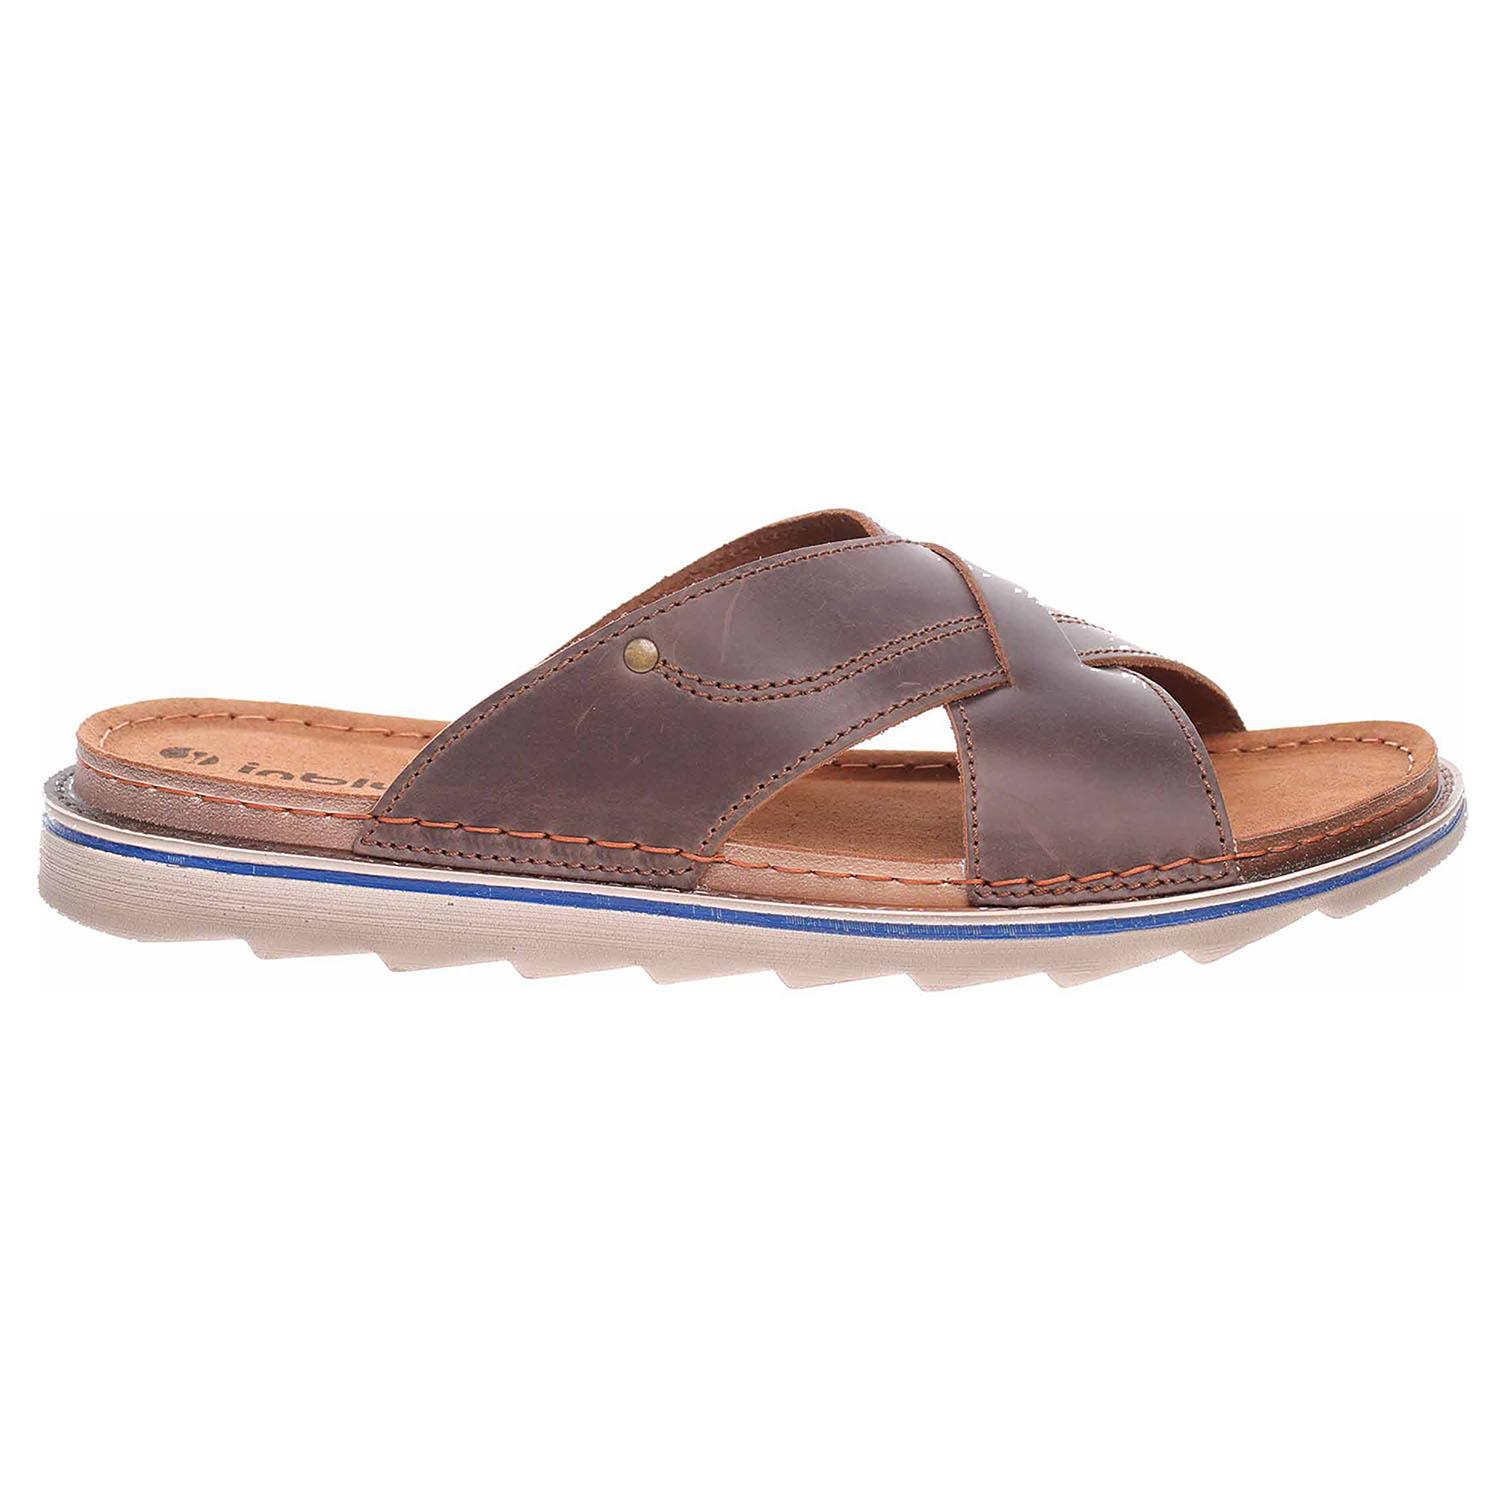 Levně Pánské pantofle Inblu 158M008 hnědá 41